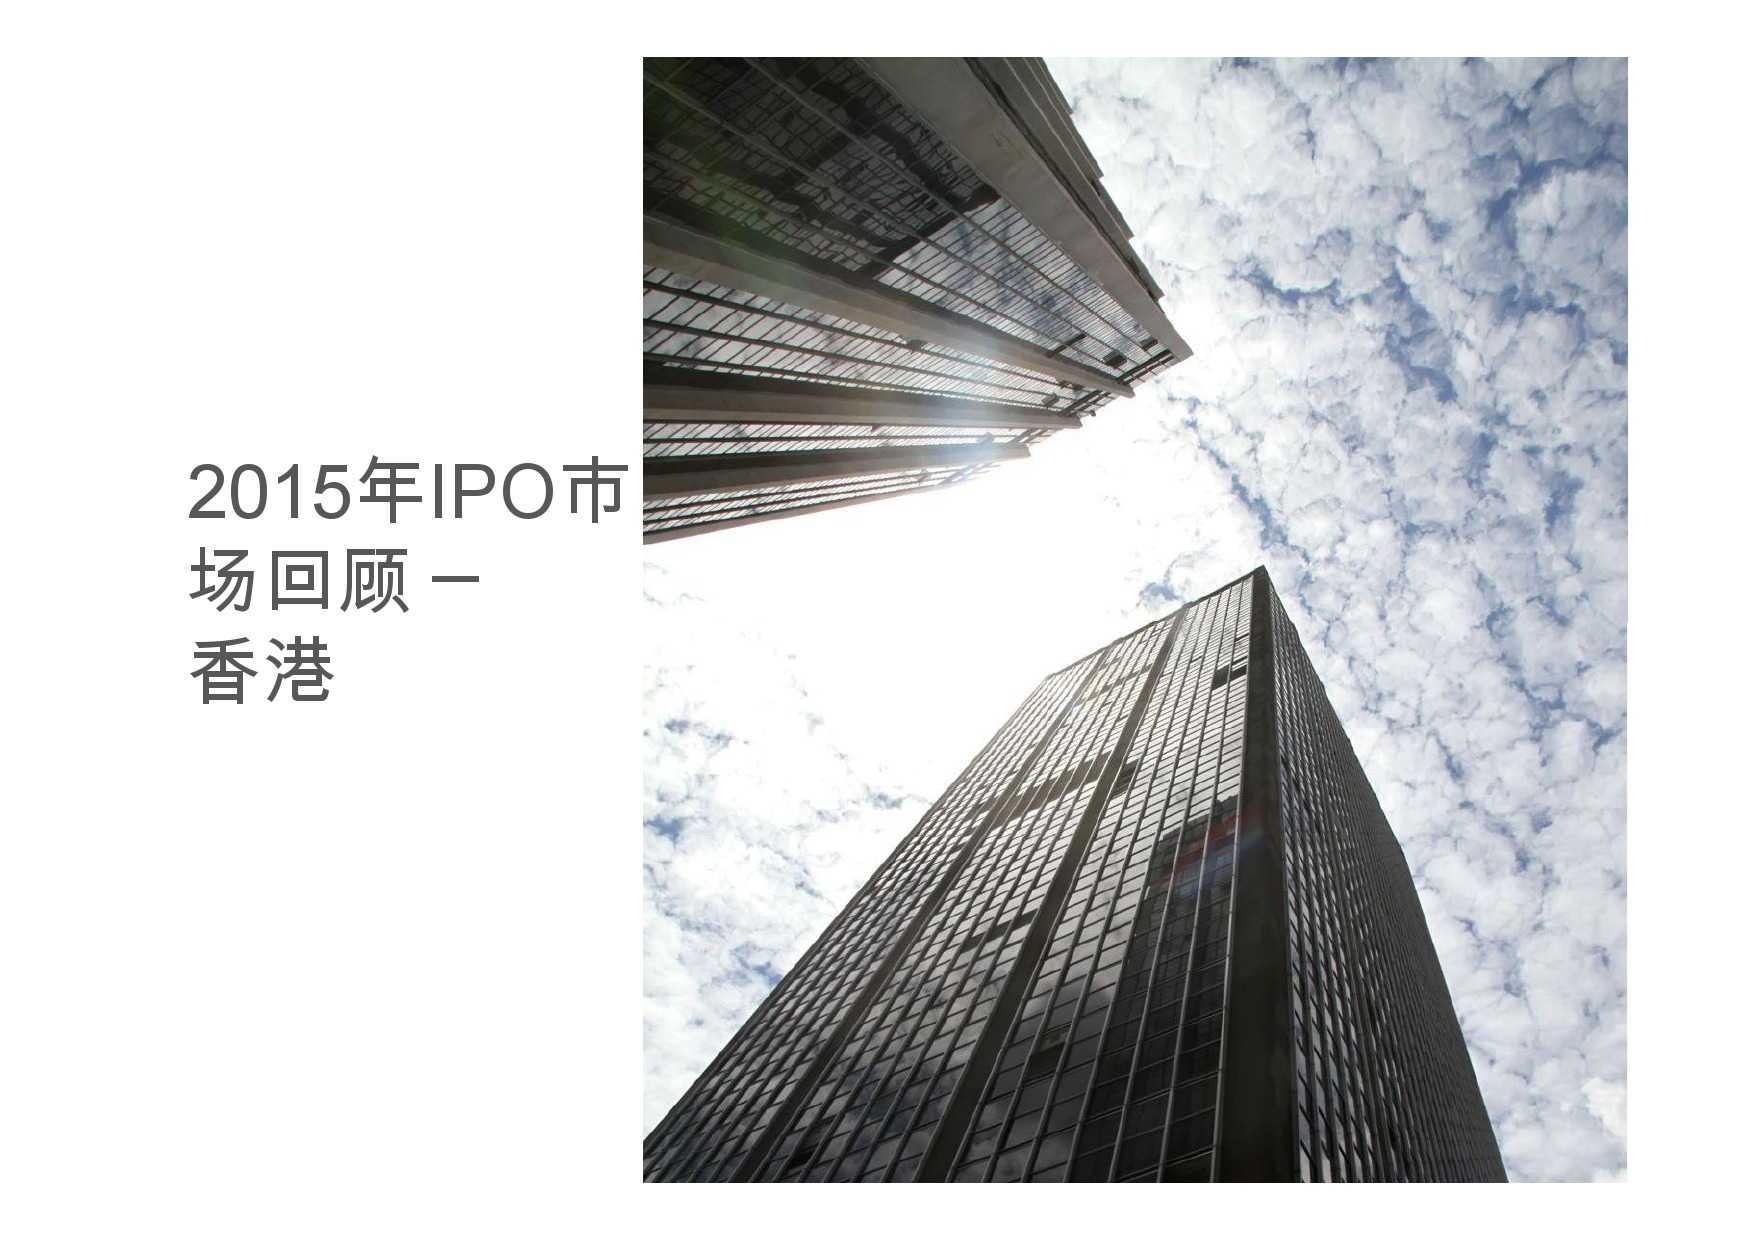 德勤:香港及中国大陆IPO巿场2015年回顾与2016年展望_000002